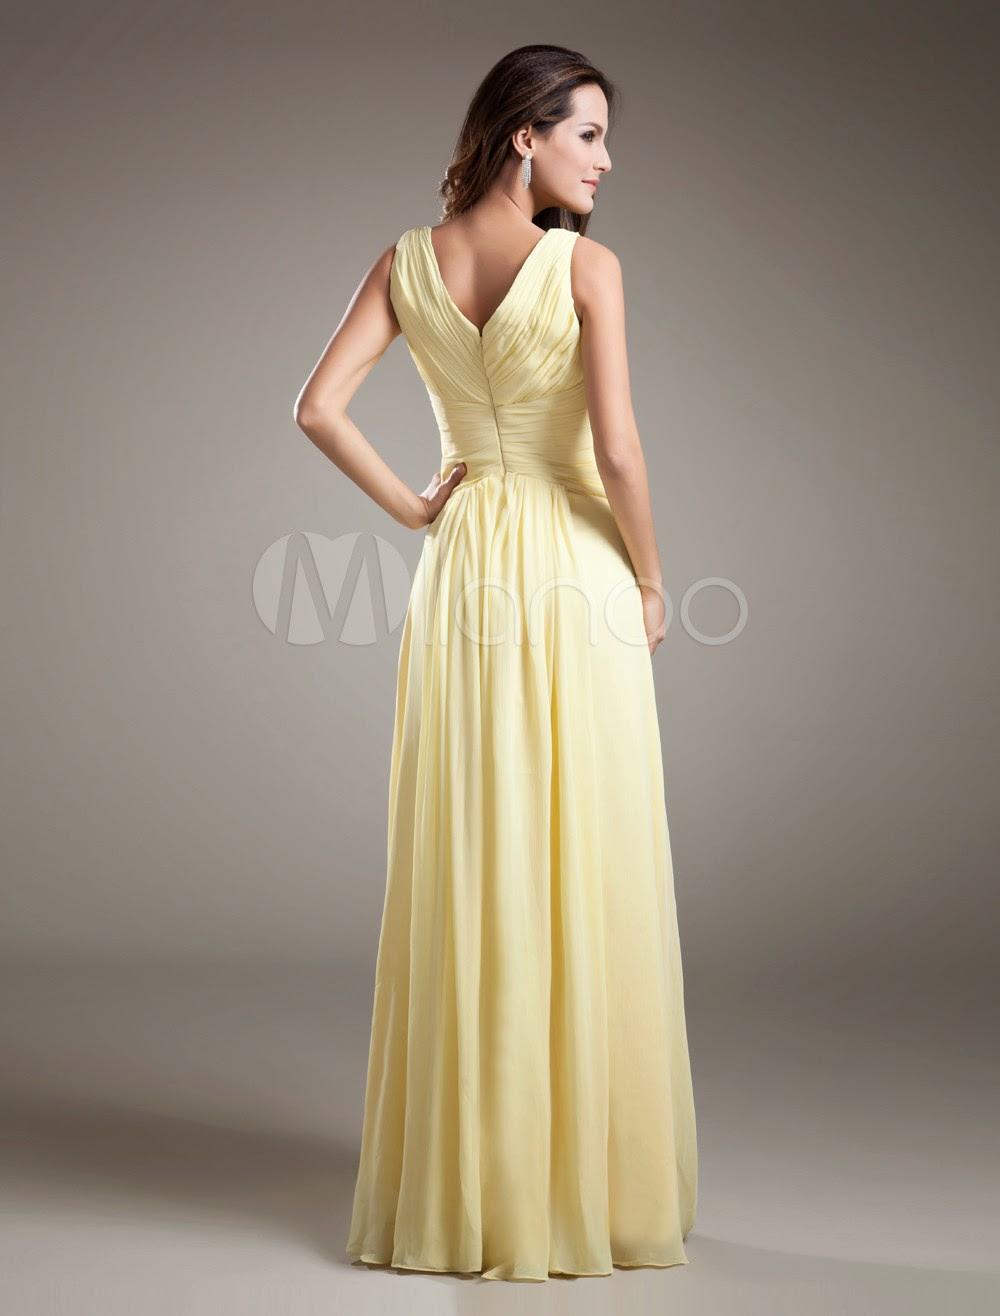 Robes sexy - Robe demoiselle d'honneur A-ligne jonquille en chiffon détail col V